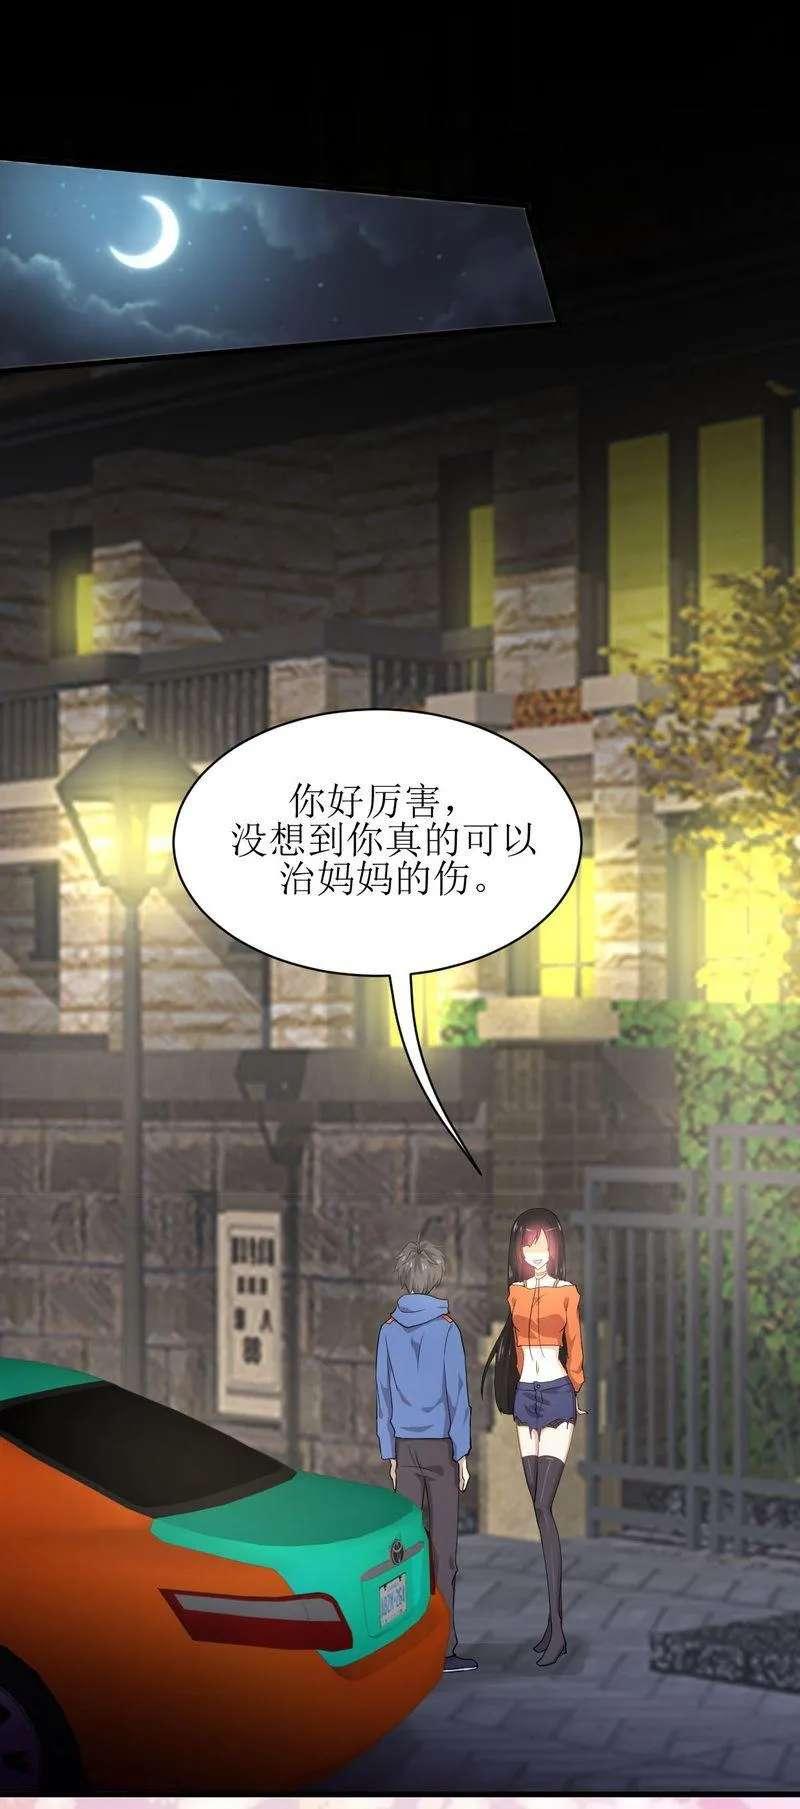 本剑仙绝不吃软饭第15话  第14话 交锋 第 30